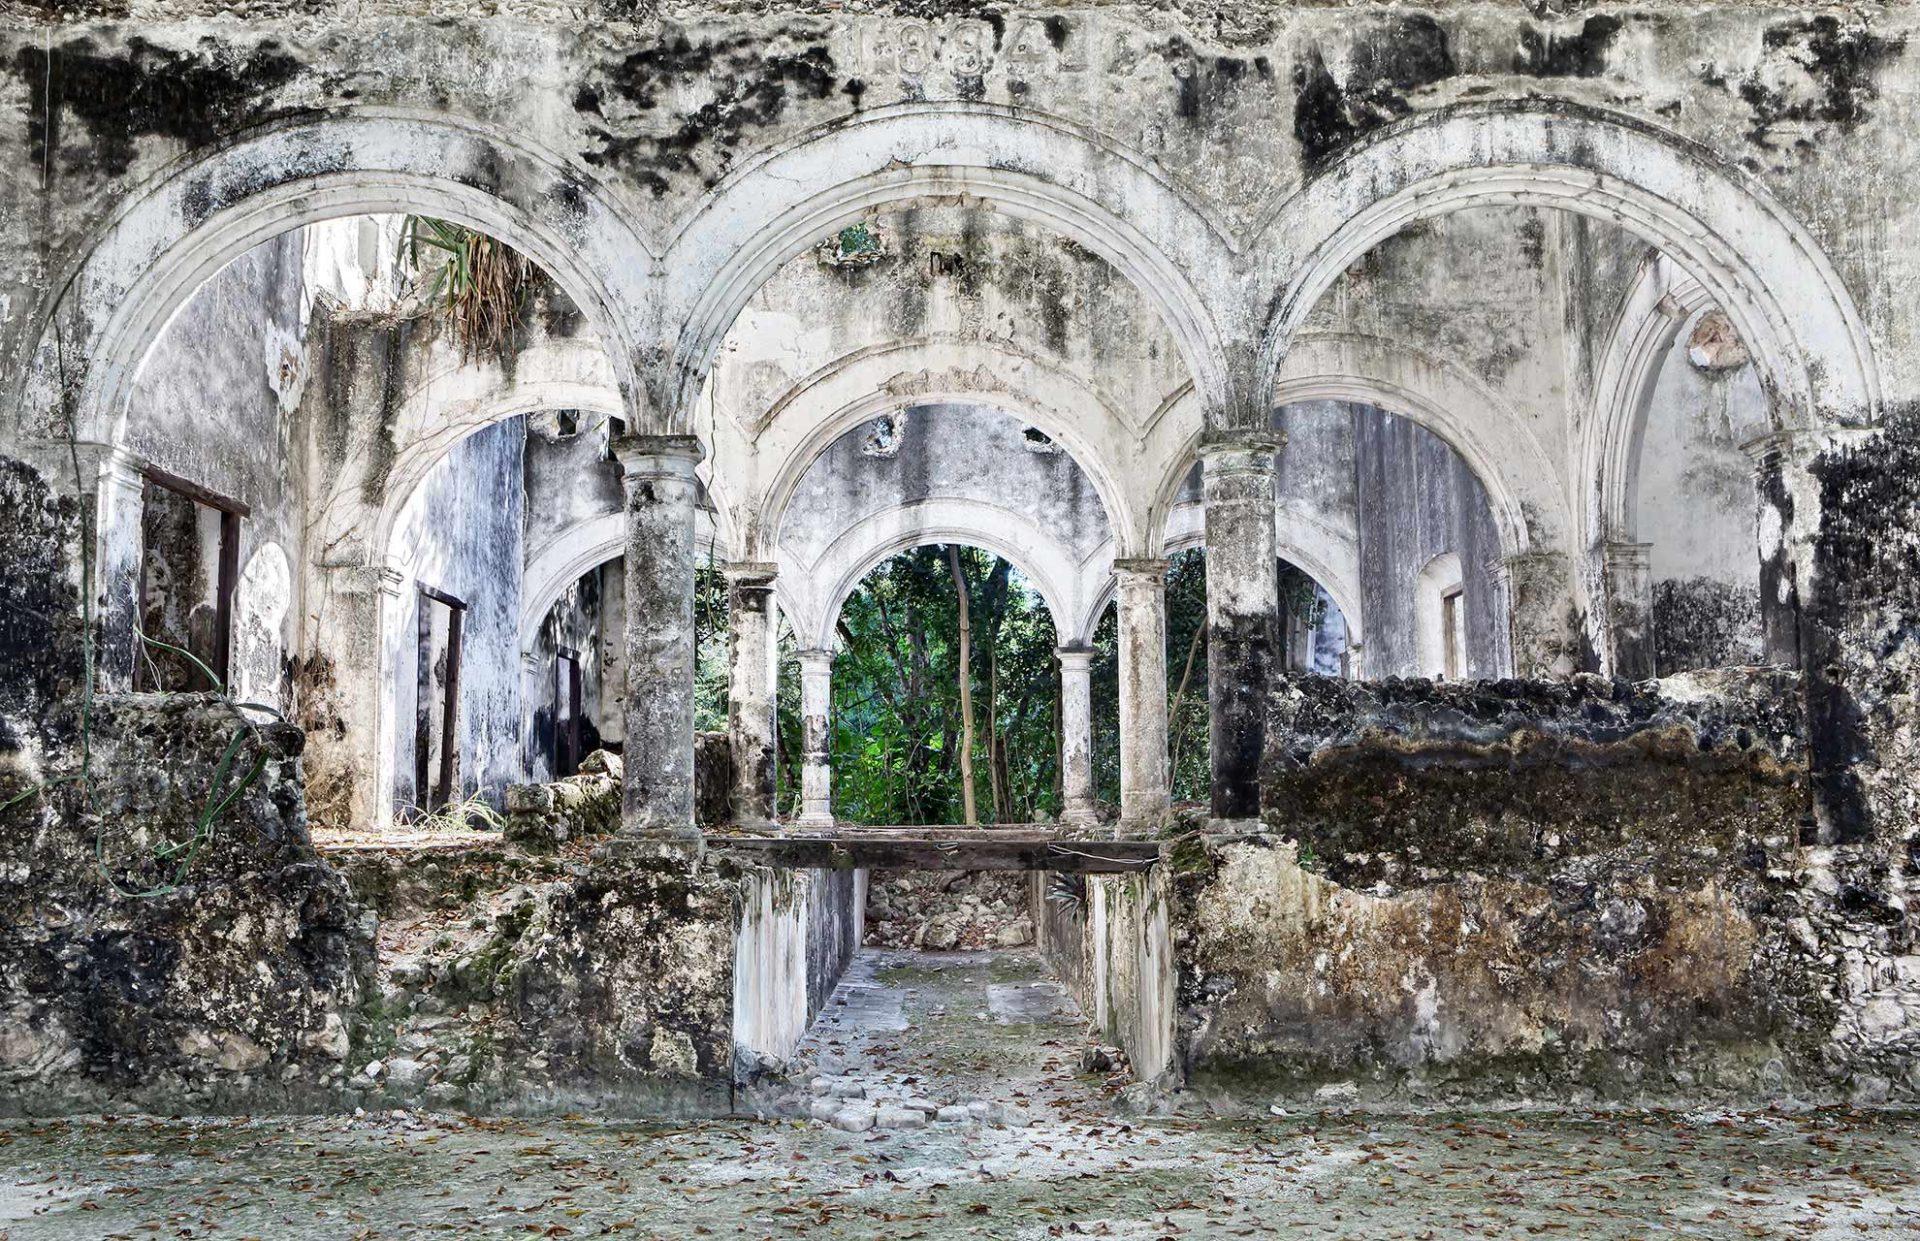 julien-cresp_fusions_adluminem-17